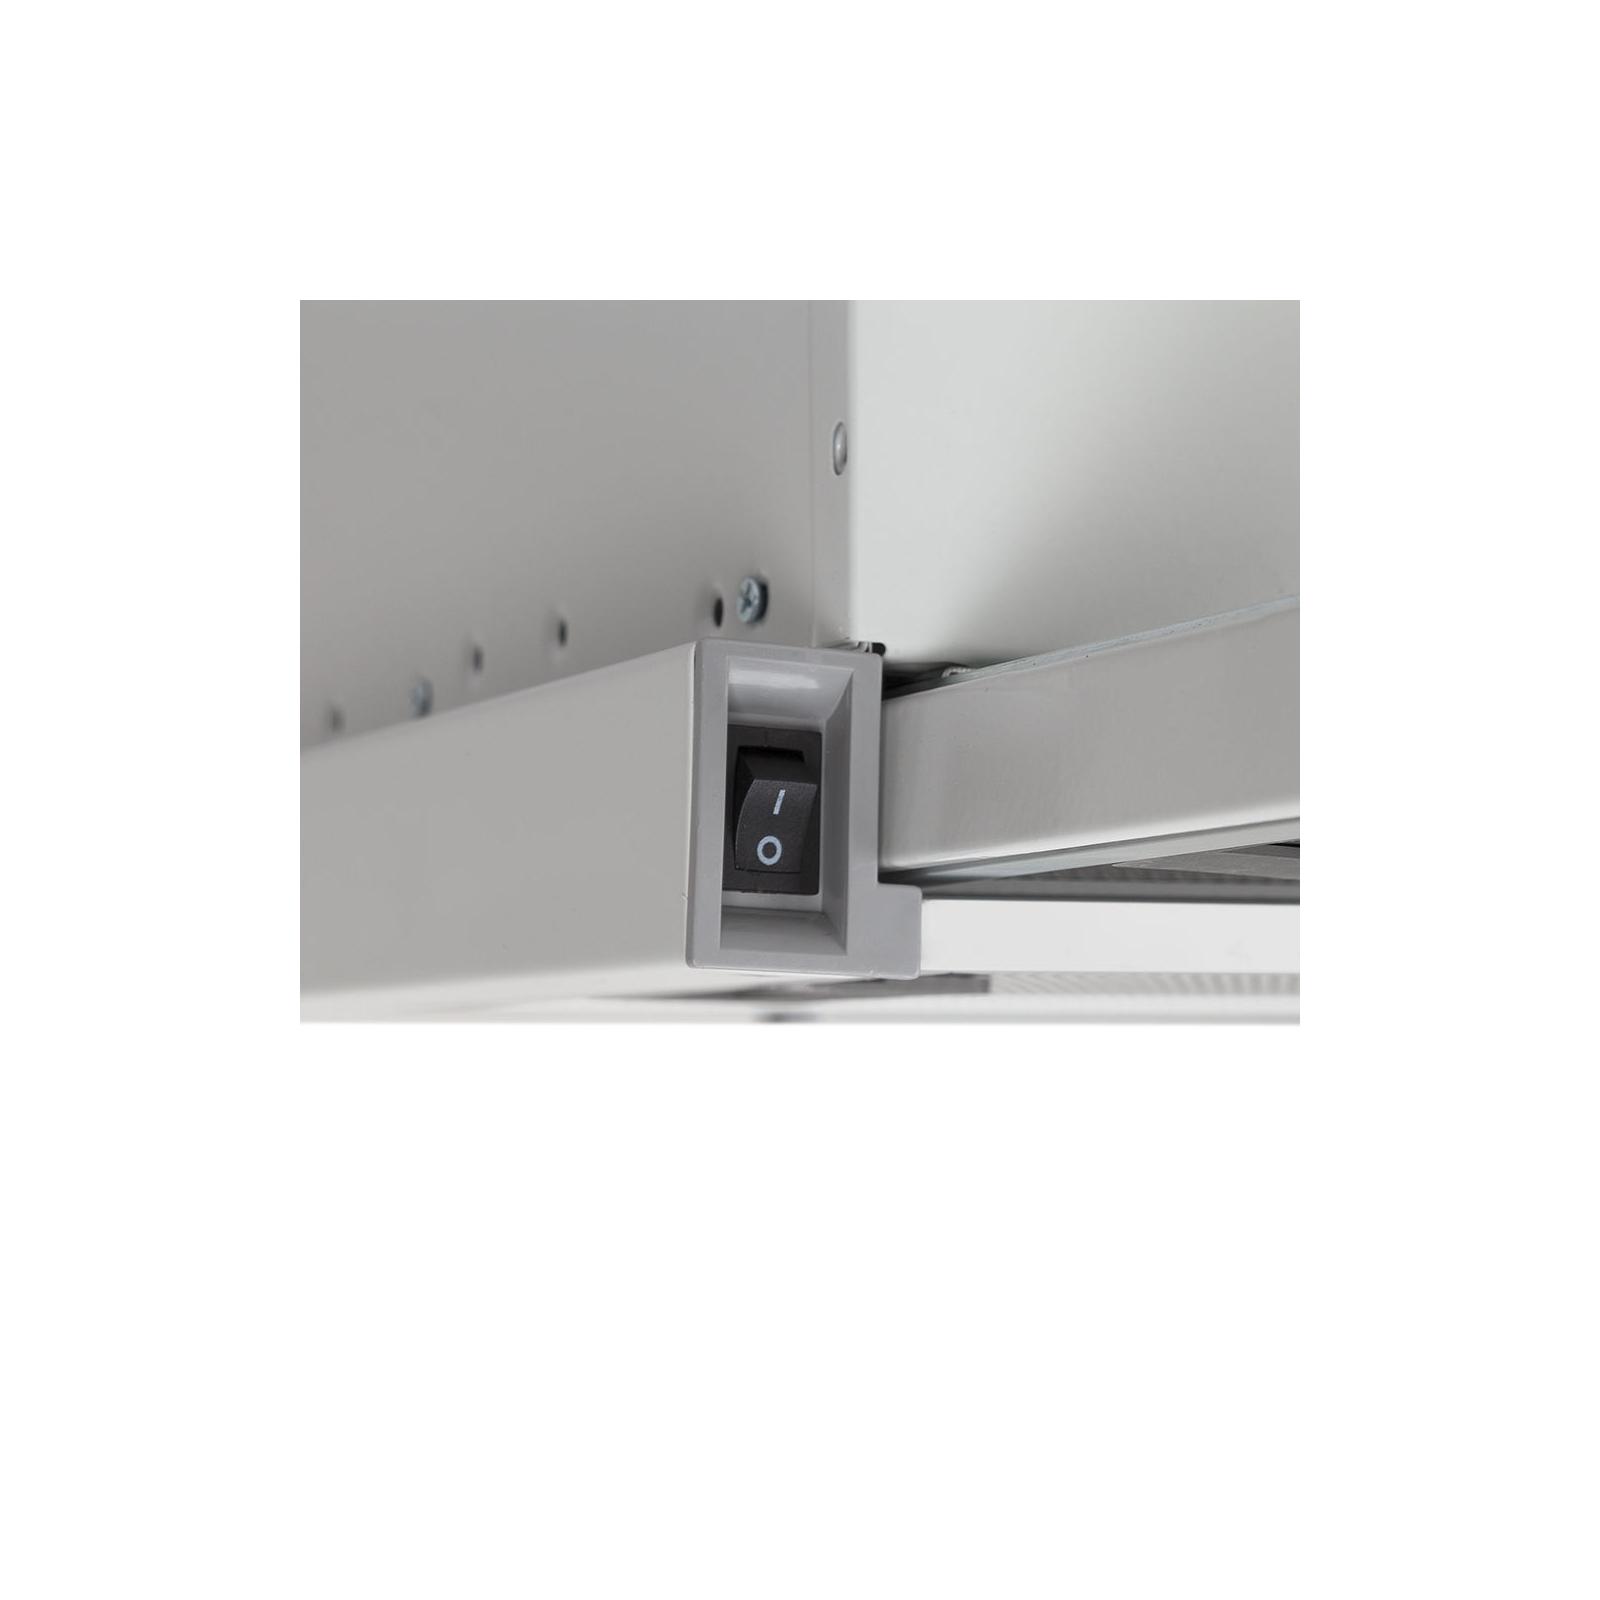 Вытяжка кухонная PYRAMIDA R-TL 50 GR изображение 5